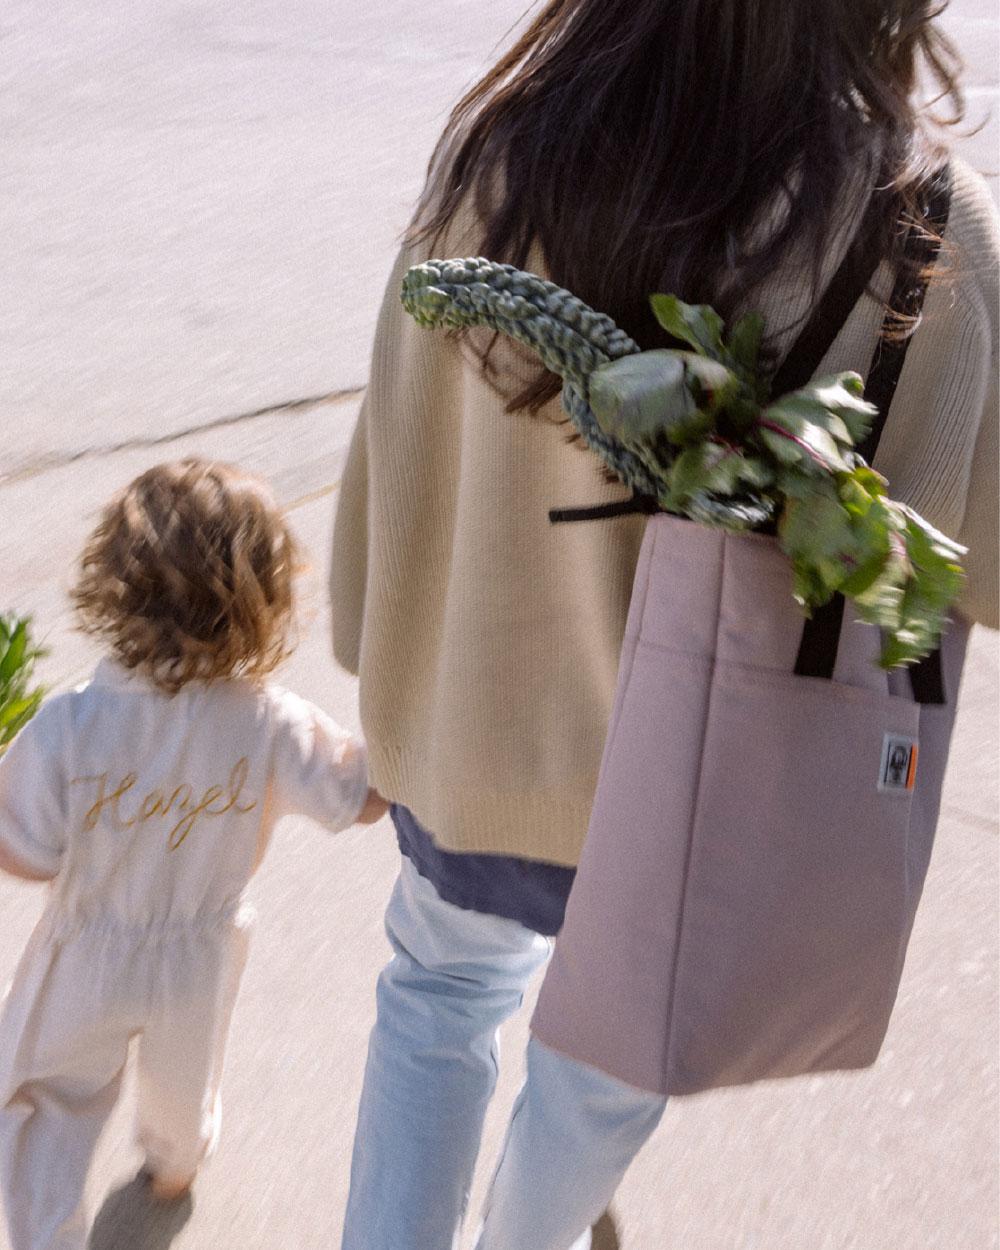 une femme avec un sac cabas rempli de légumes marche avec sa petite fille.